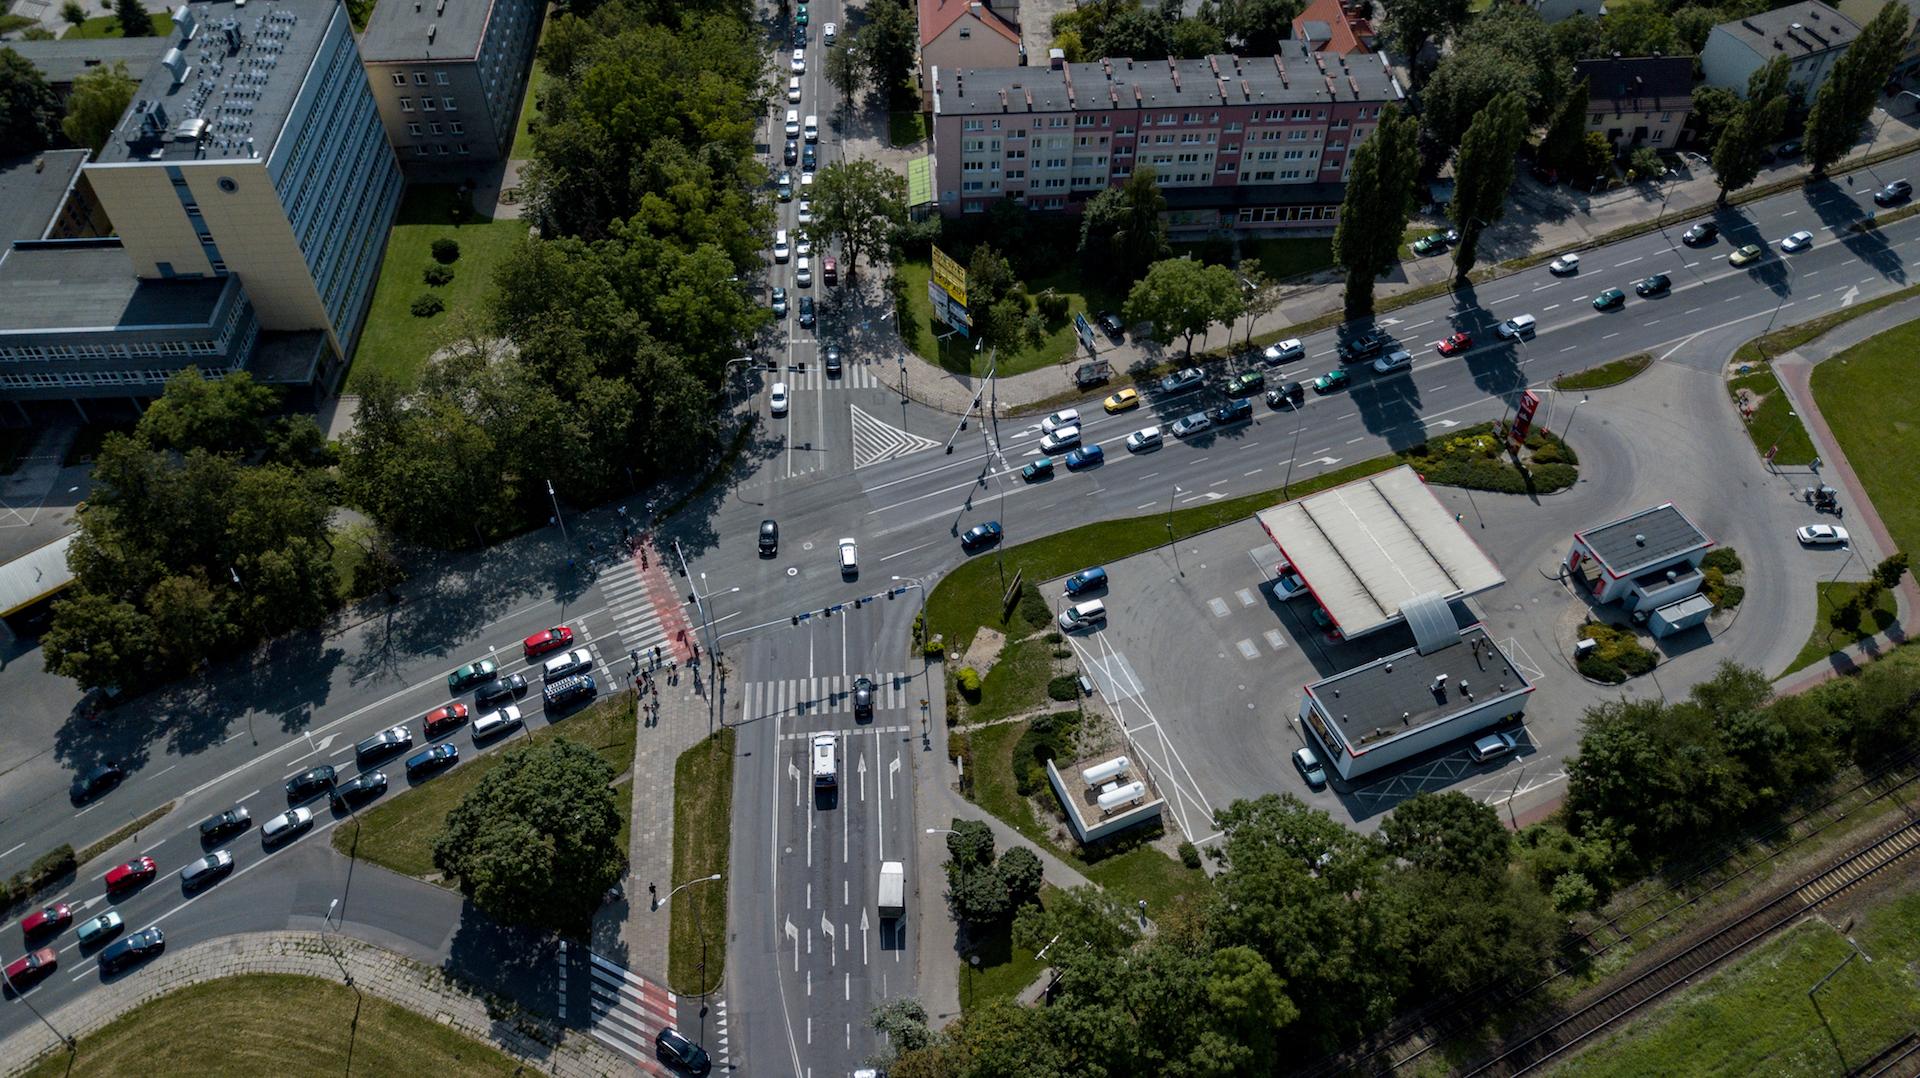 Skrzyżowanie przy dworcu Opole Wschodnie [fot. materiały prasowe UMO]